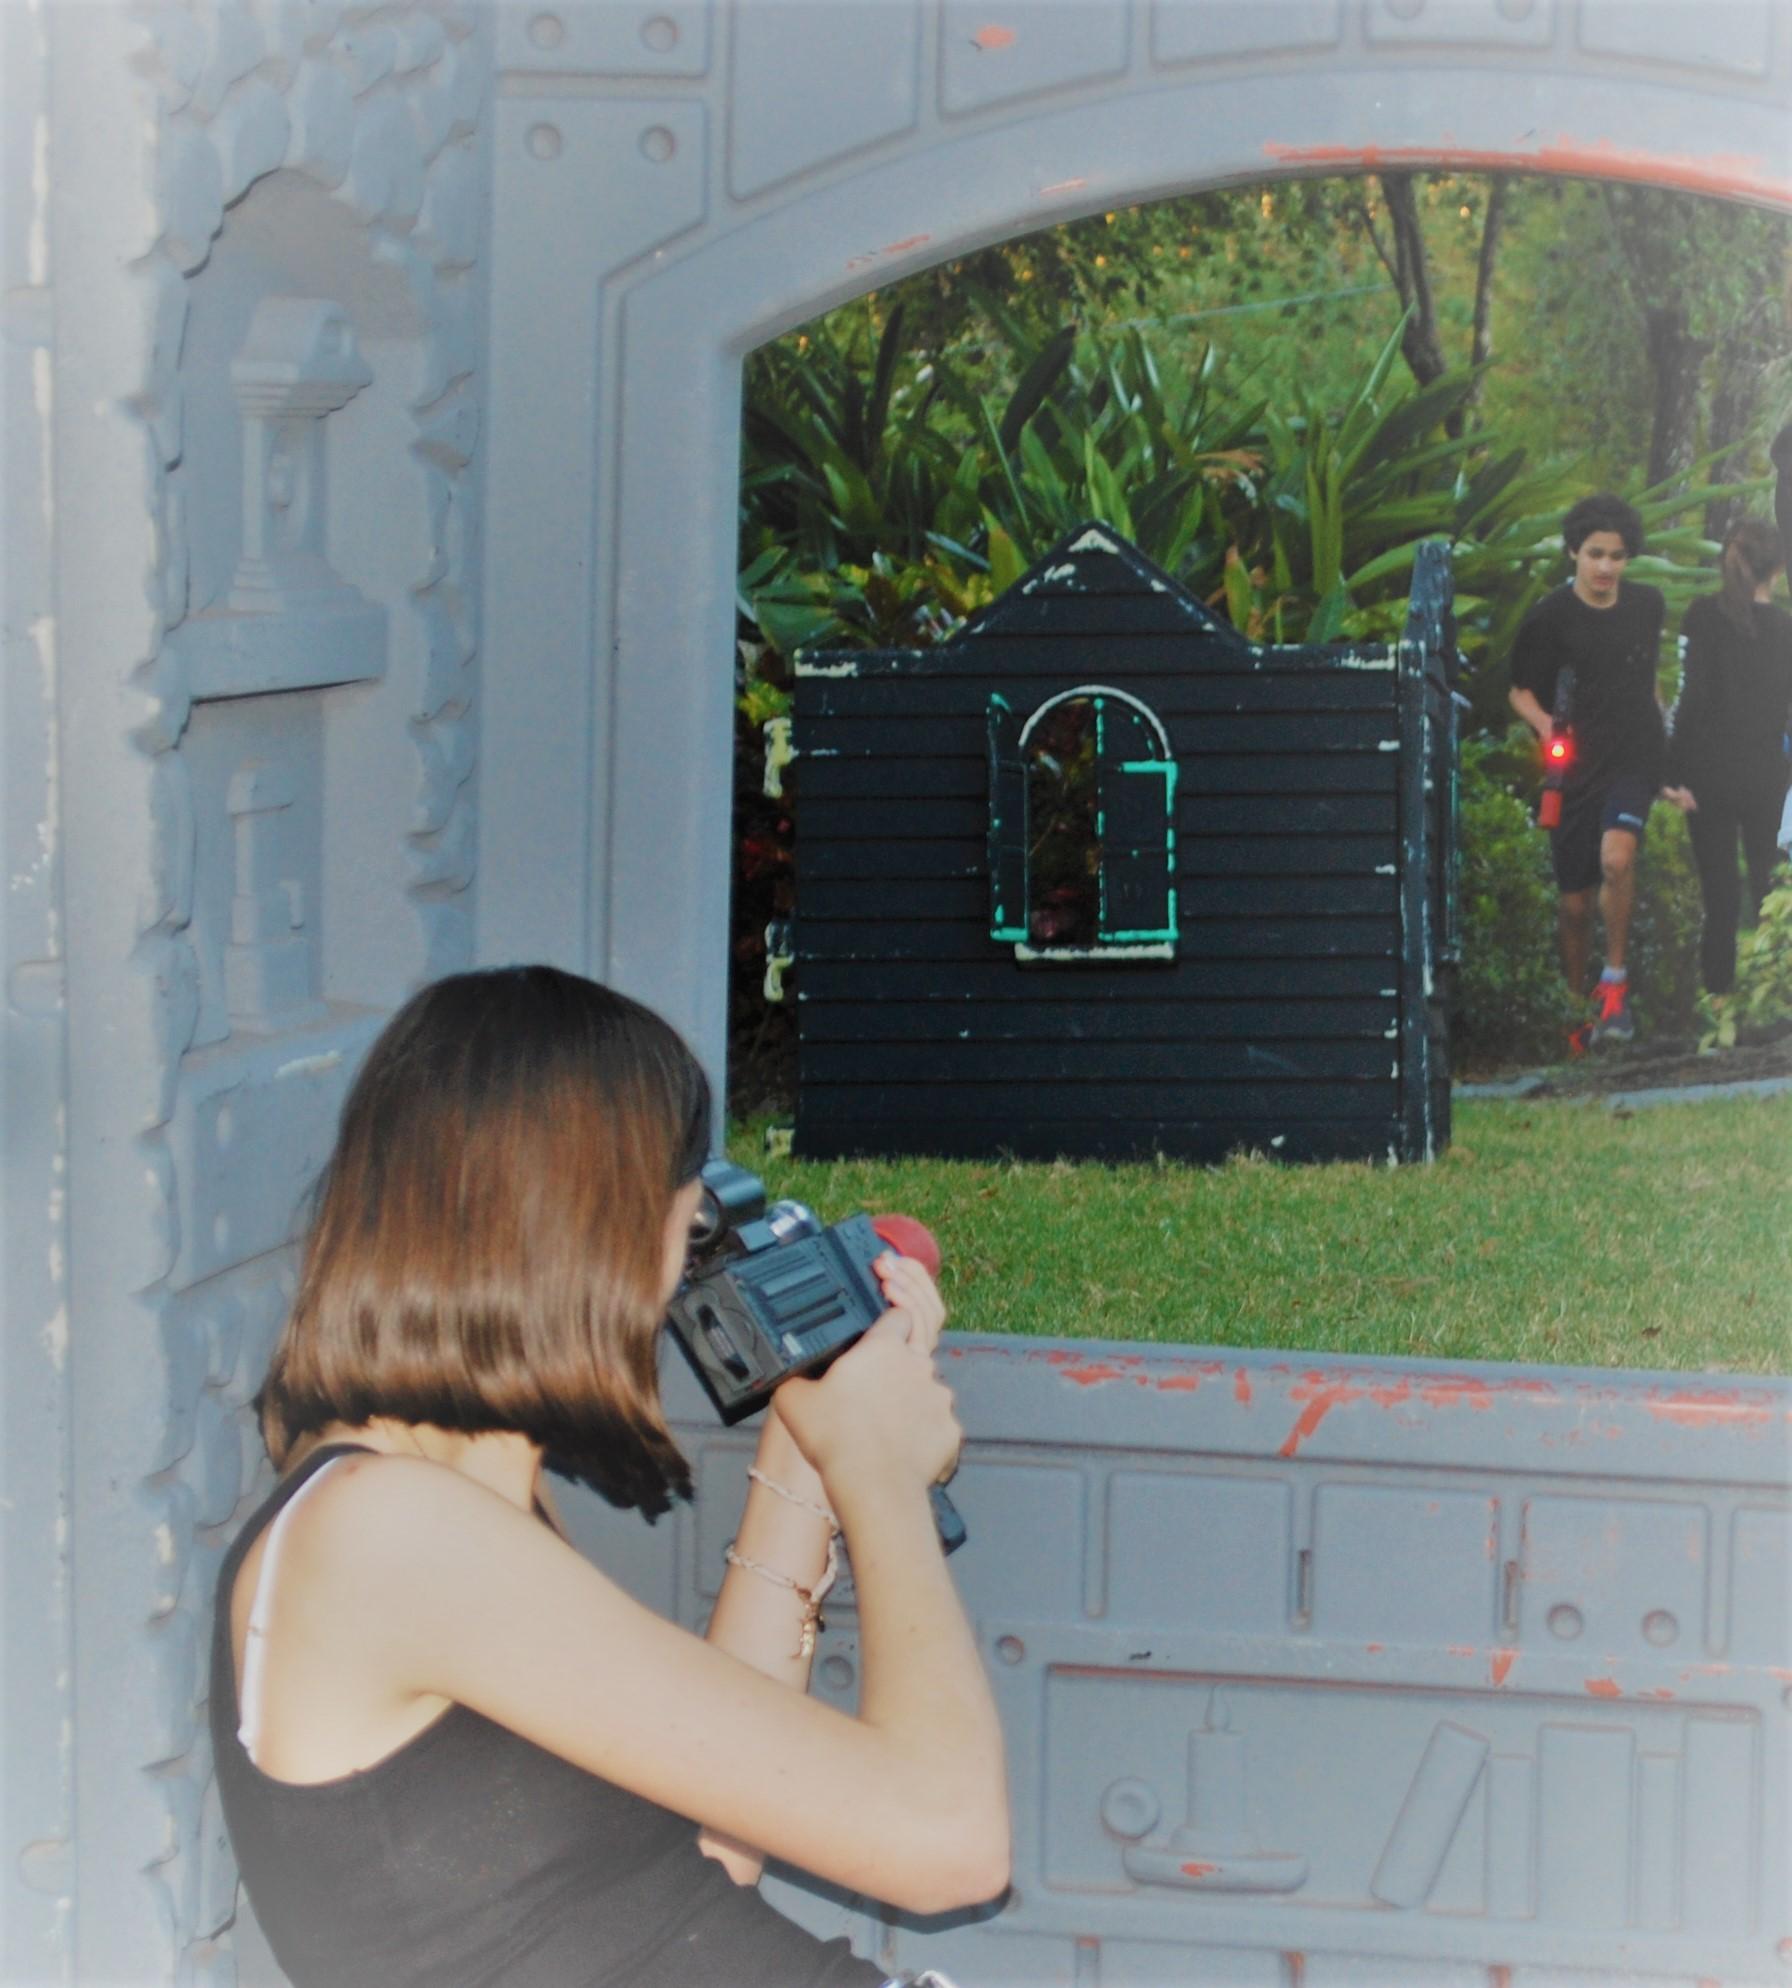 Mobile Laser Tag in Sarasota,FL